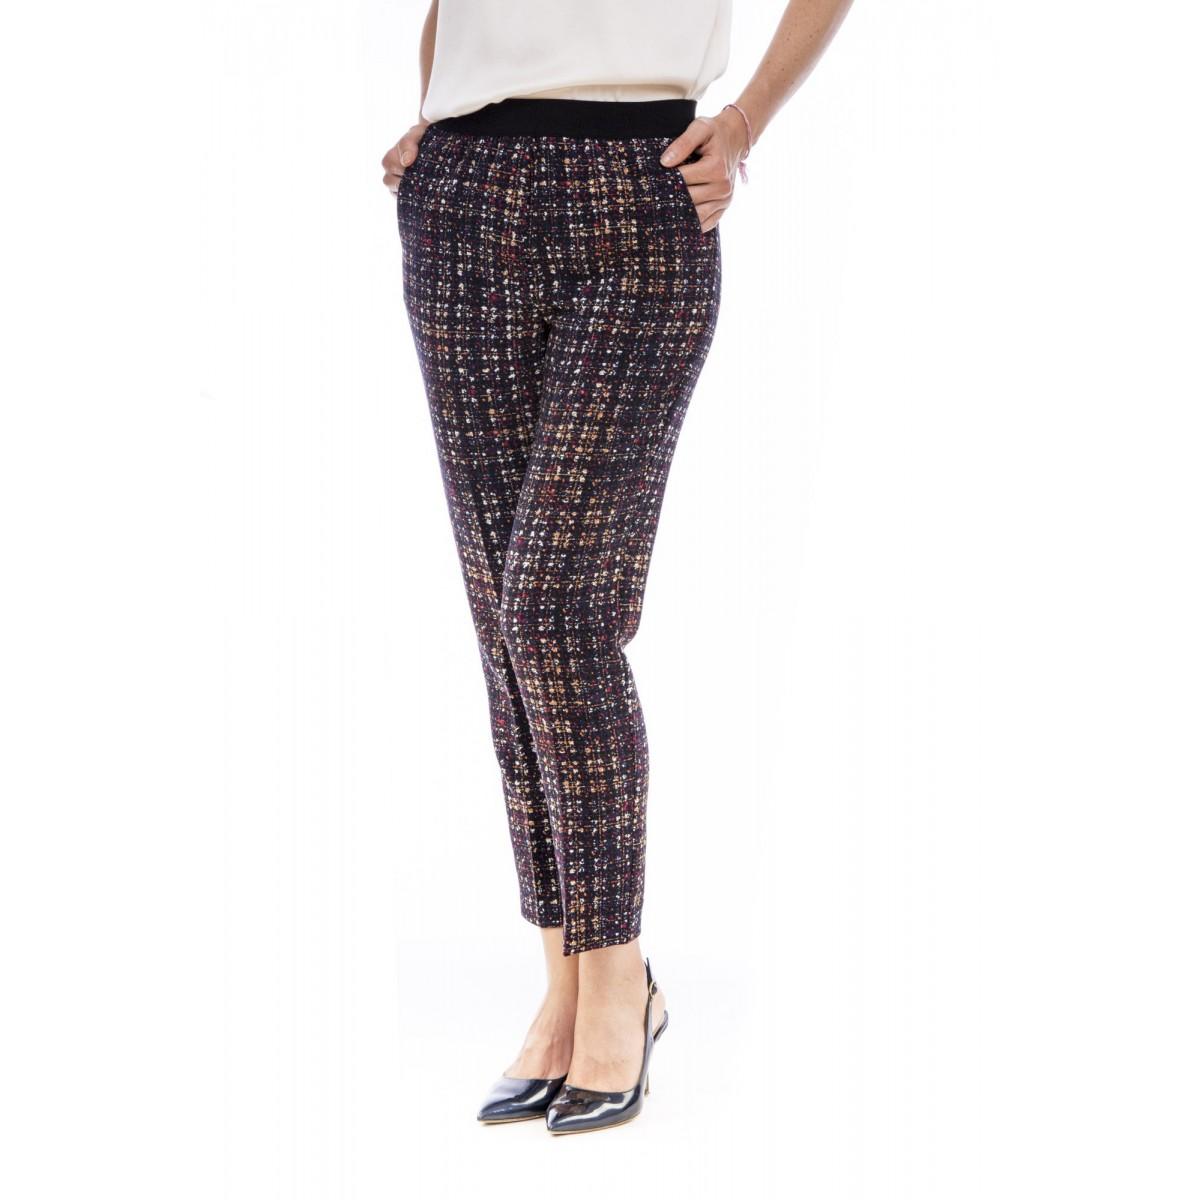 Pantalone donna Jucca - J4029 pantalone stampato